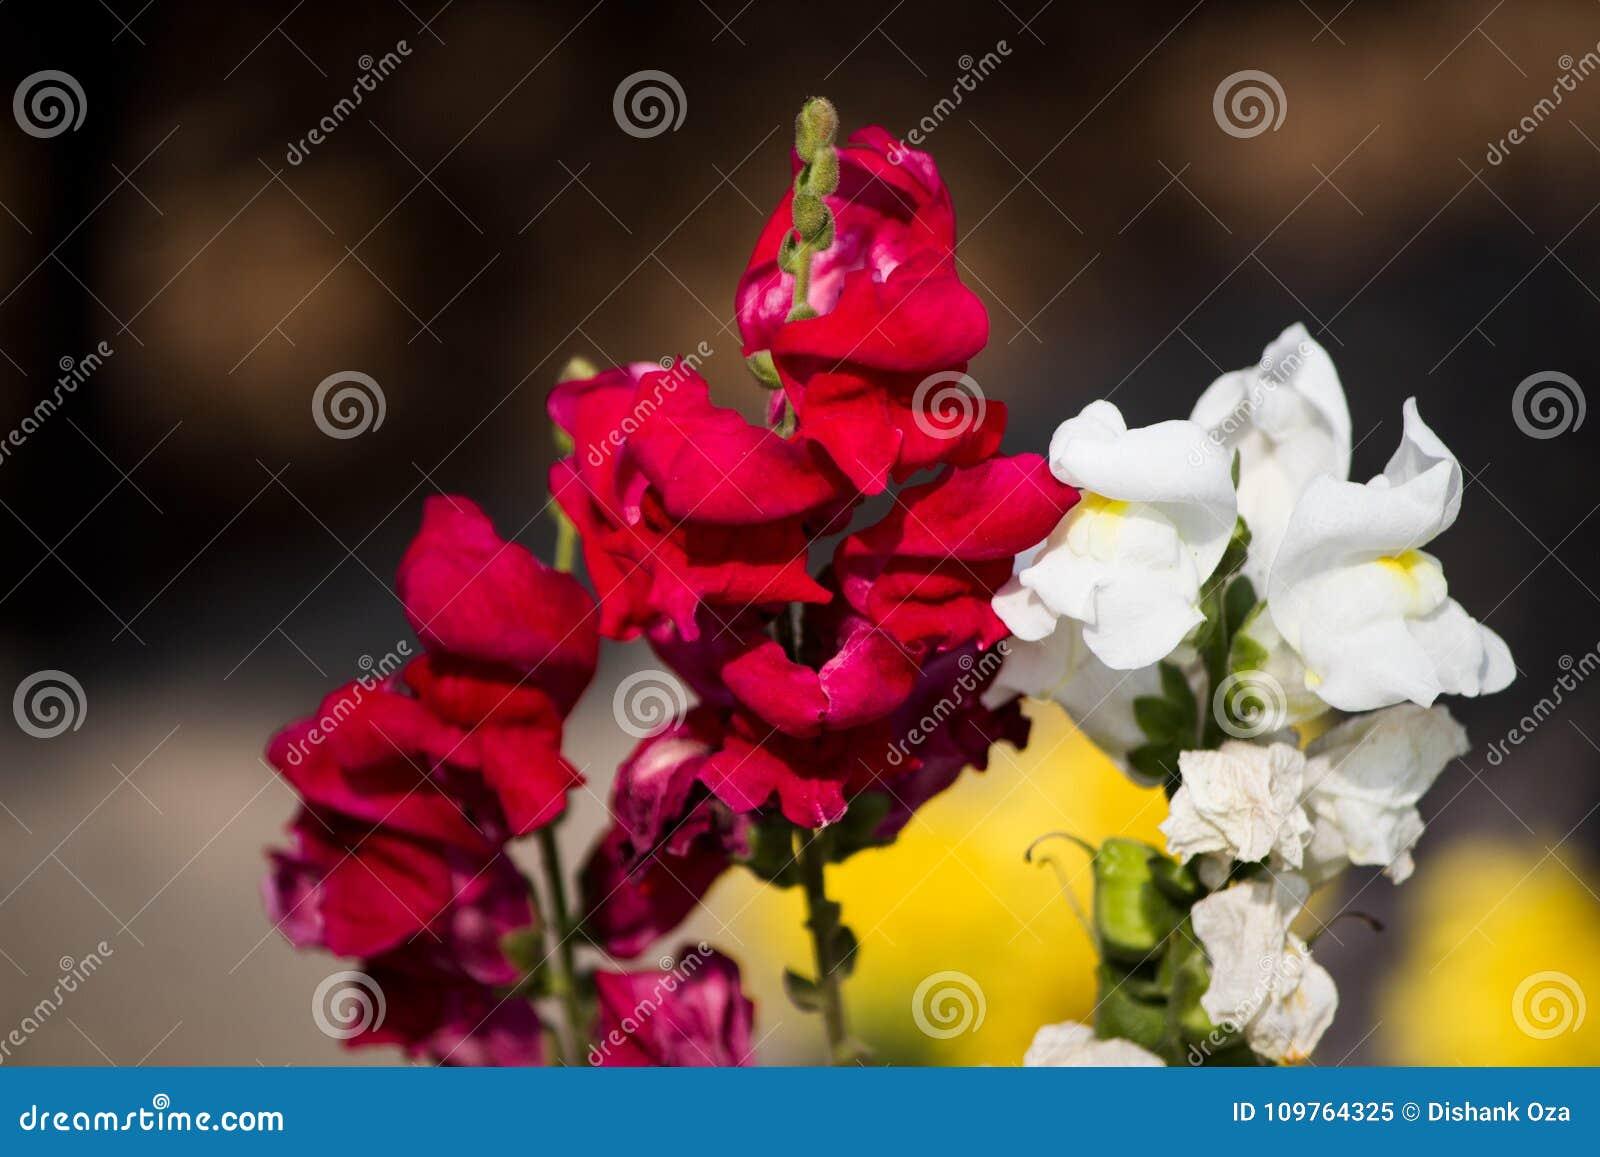 Mooie bloem met mengsel van wit en rood